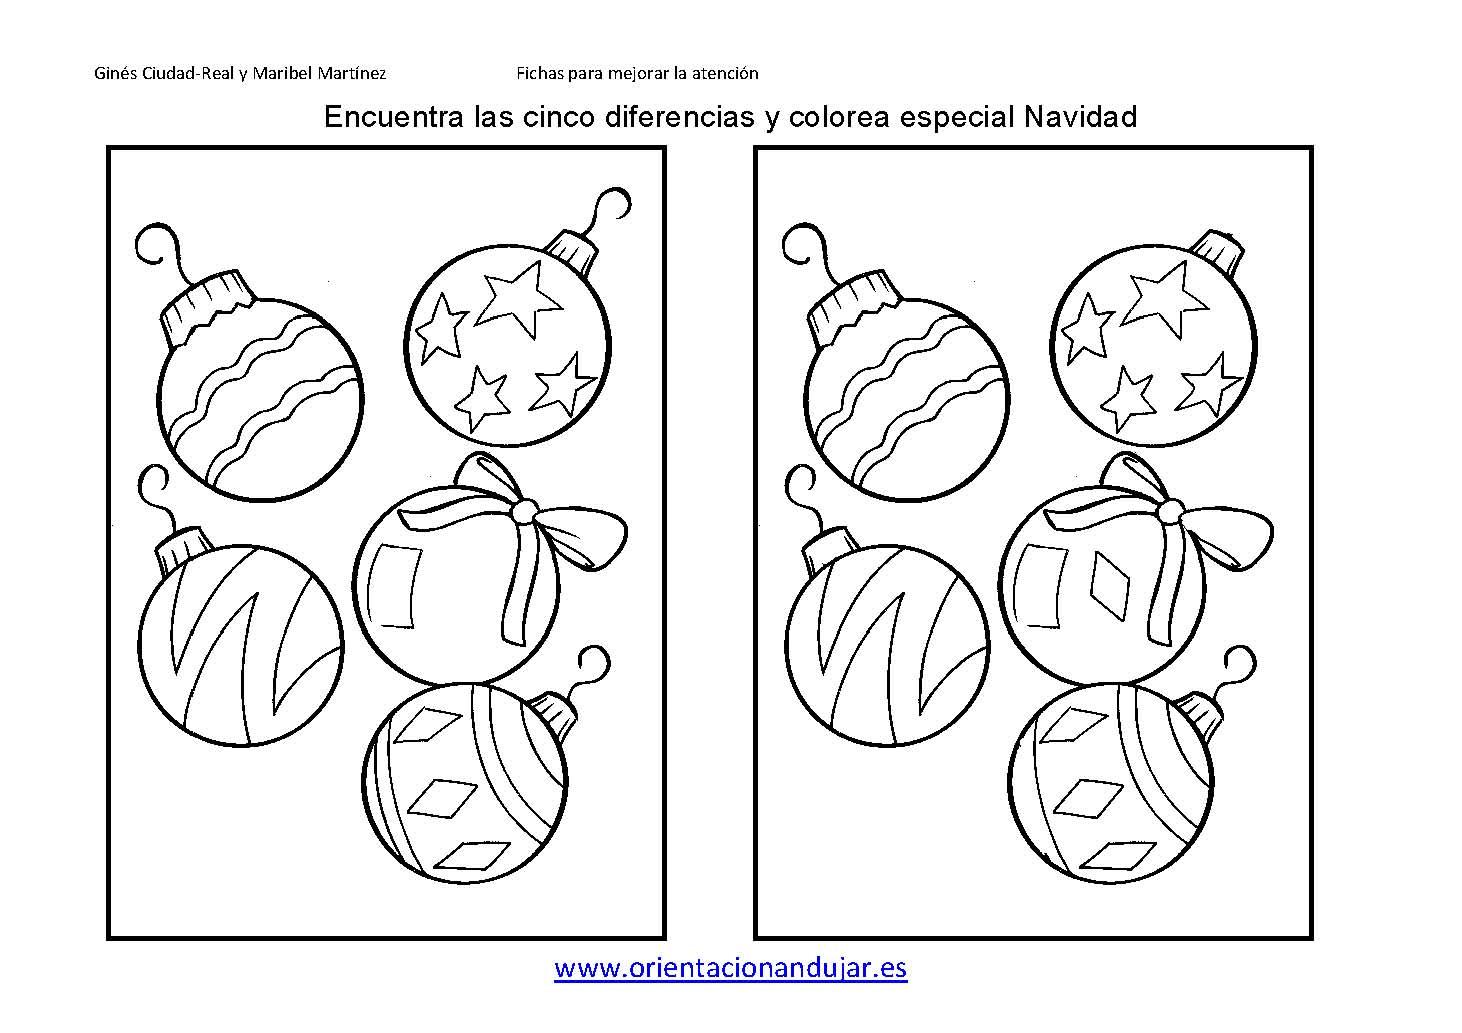 Encuentra las diferencias especial navidad 2013 ficha 6 for Actividades de navidad para colorear